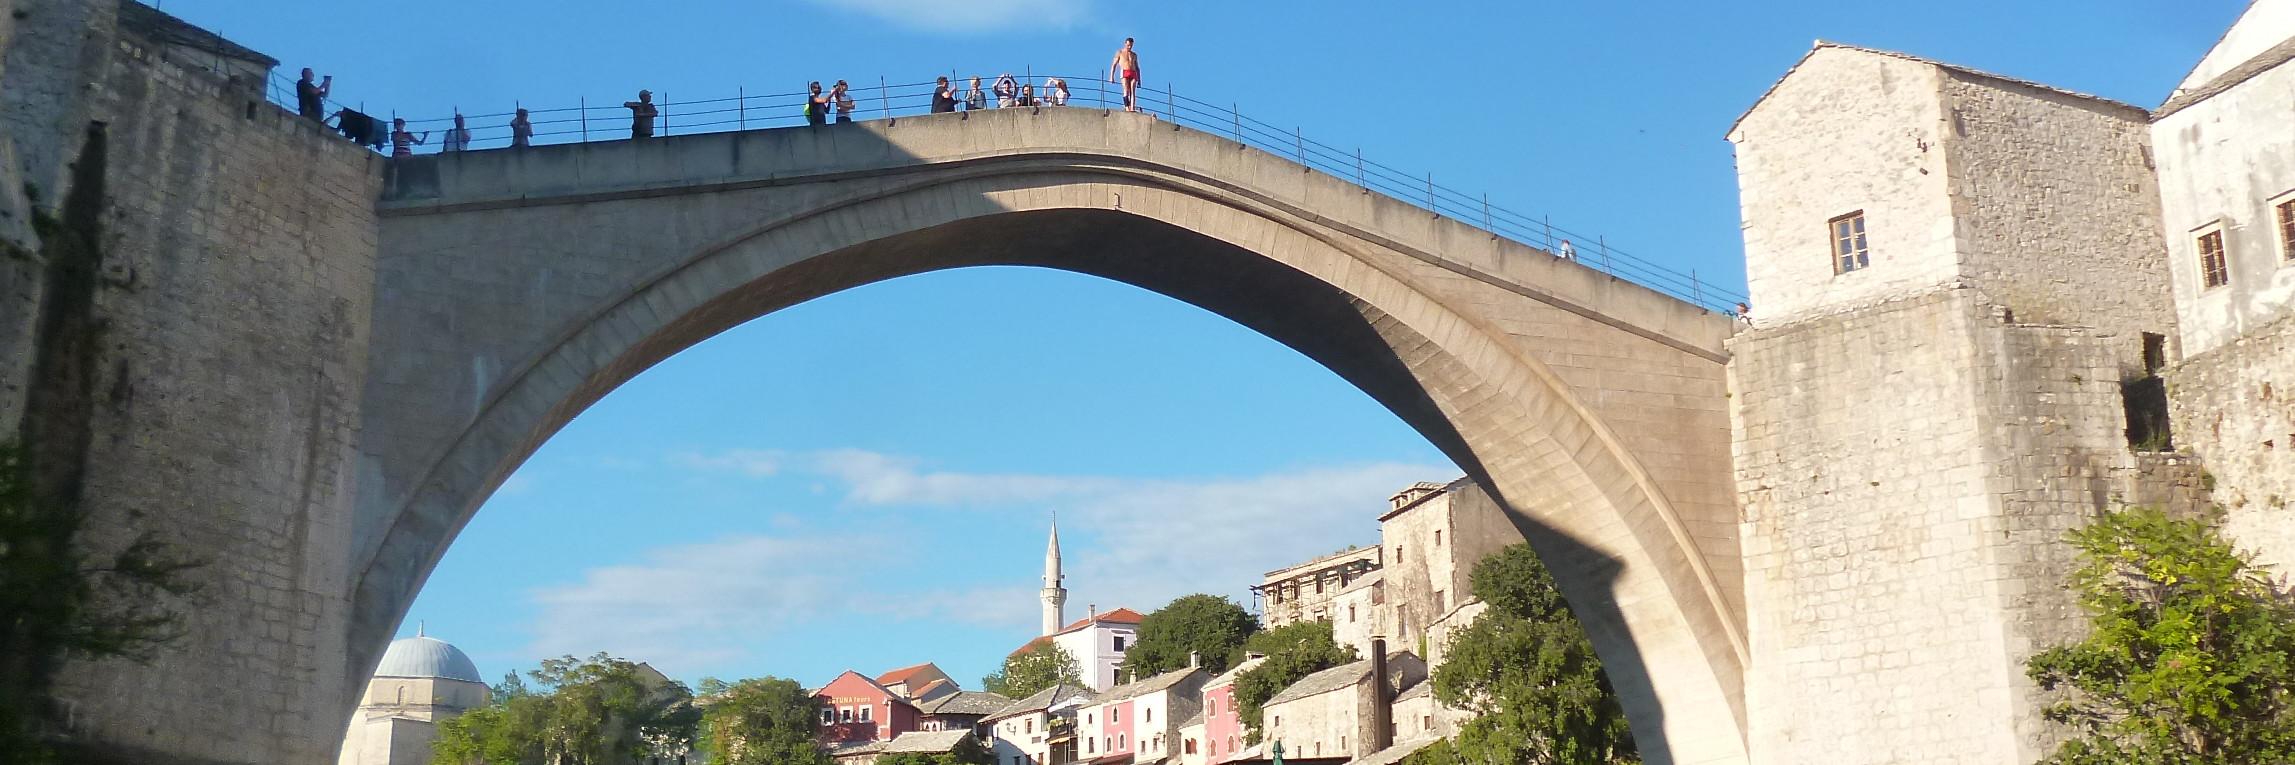 Прыжки со Старого моста. Фото: Елена Арсениевич, CC BY-SA 3.0